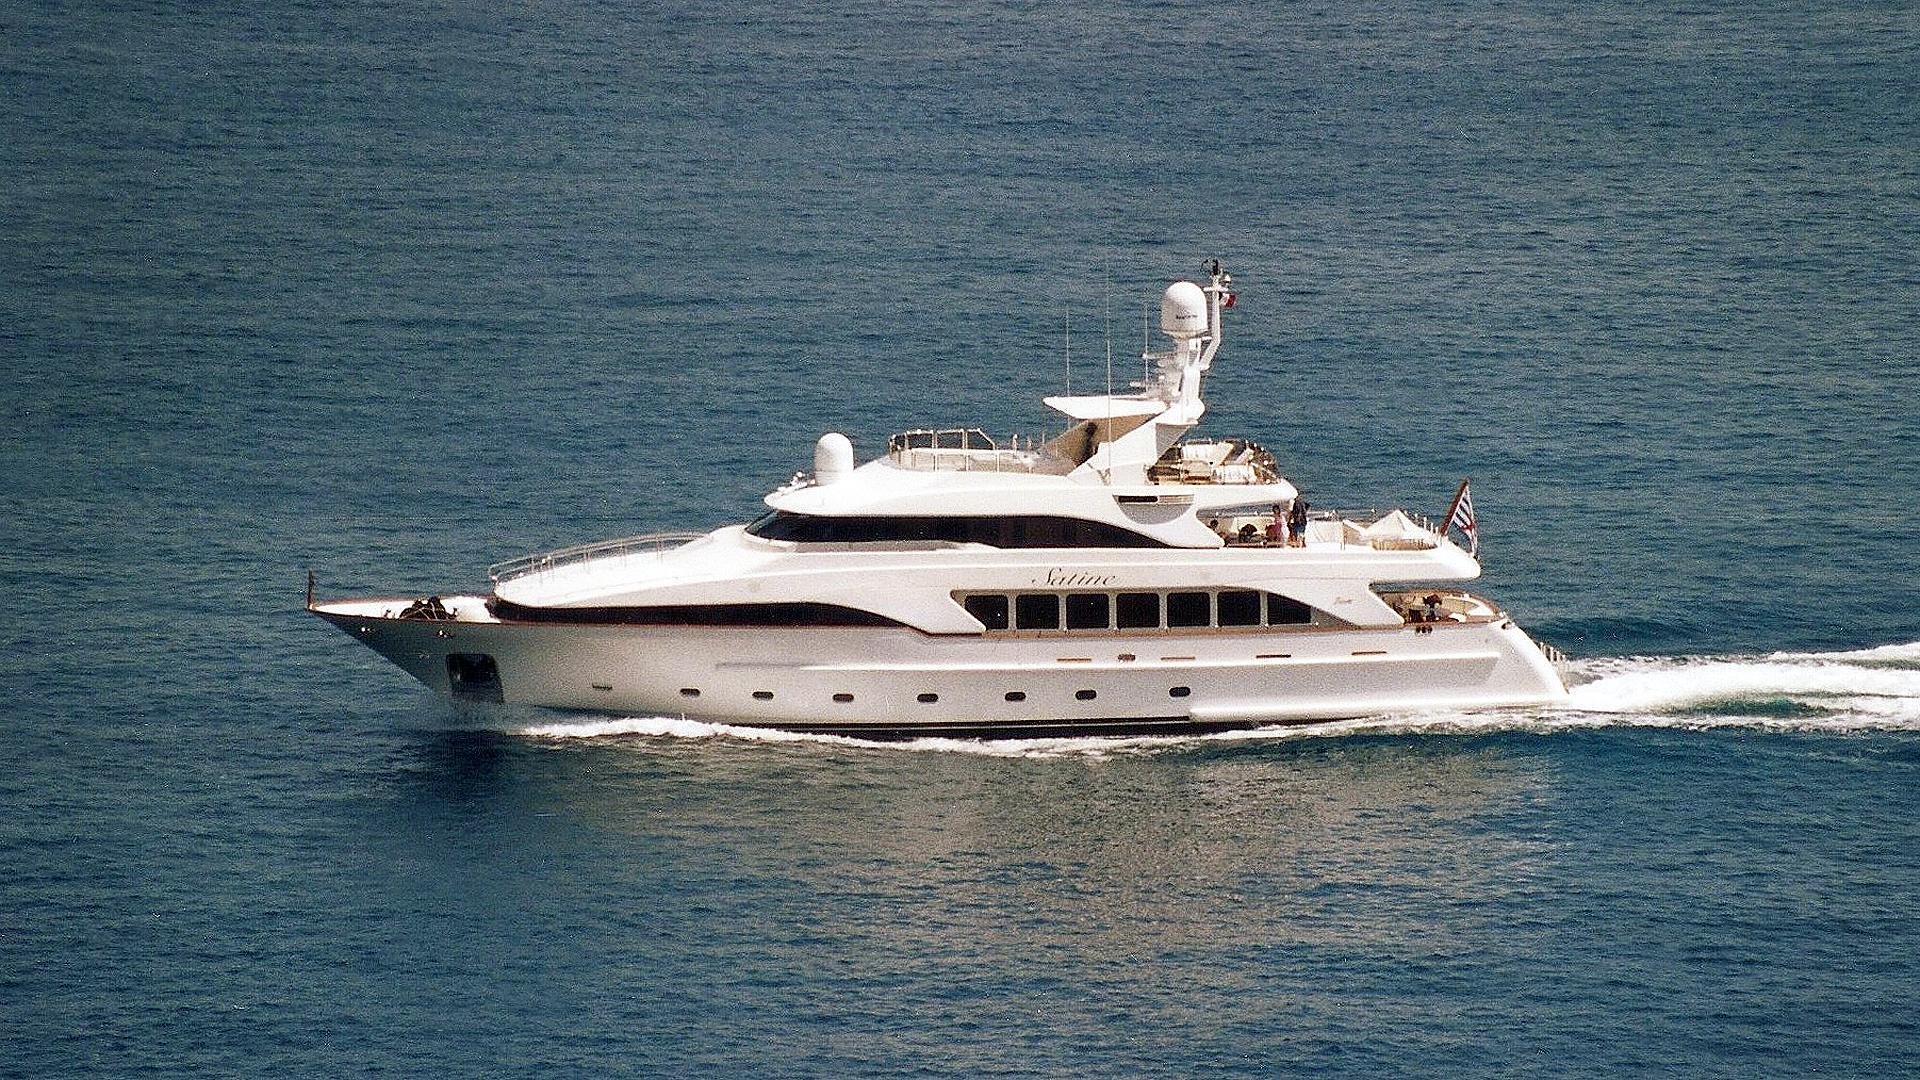 satine-motor-yacht-benetti-classic-115-2001-35m-cruising